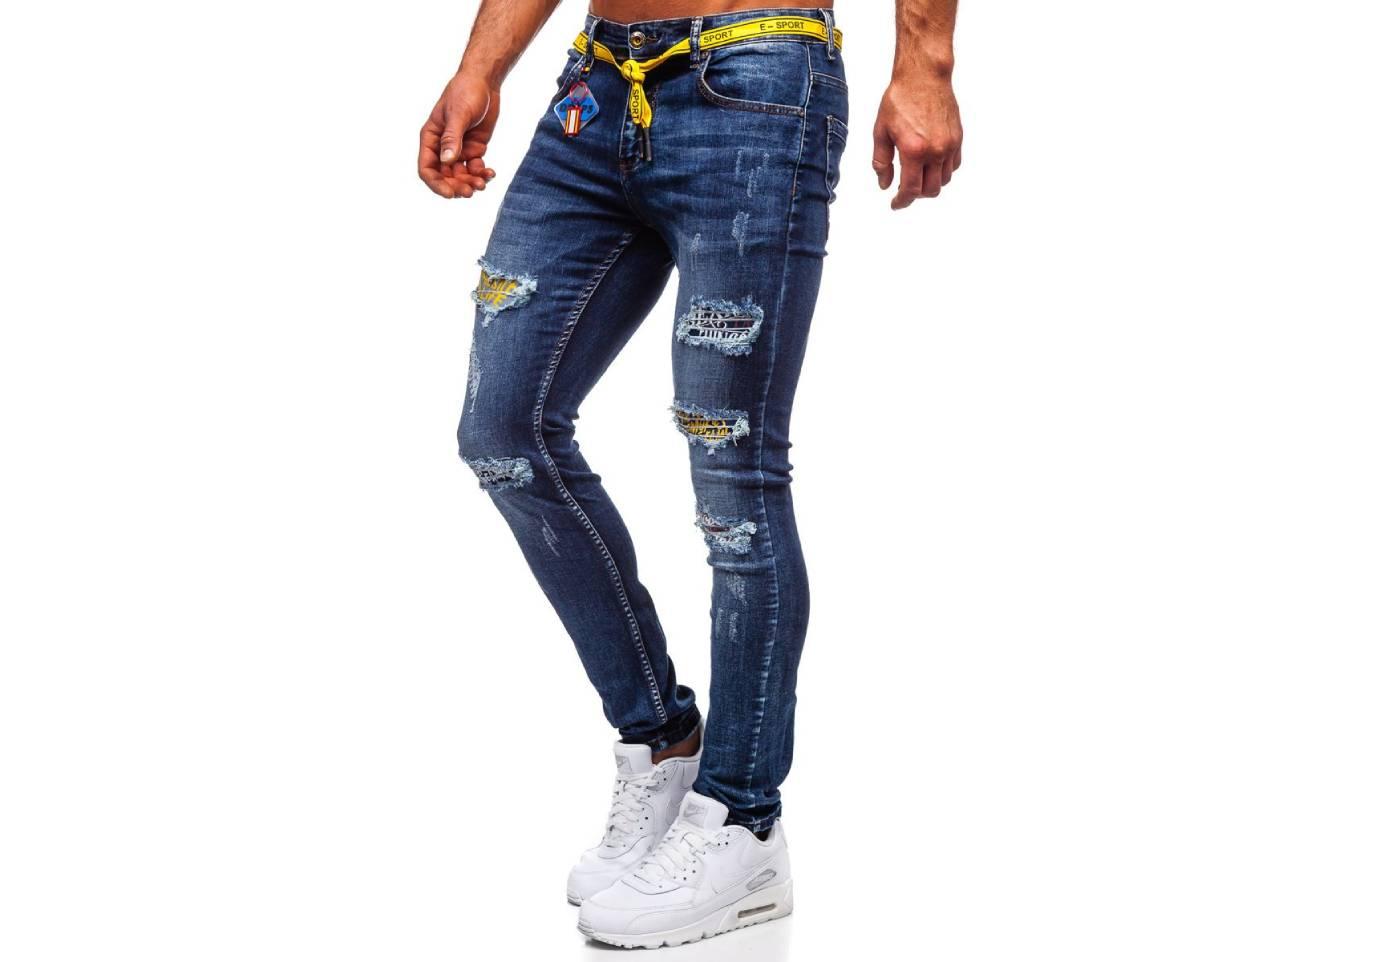 Najmodniejsze kroje męskich jeansów – czy znasz je wszystkie? - Zdjęcie główne